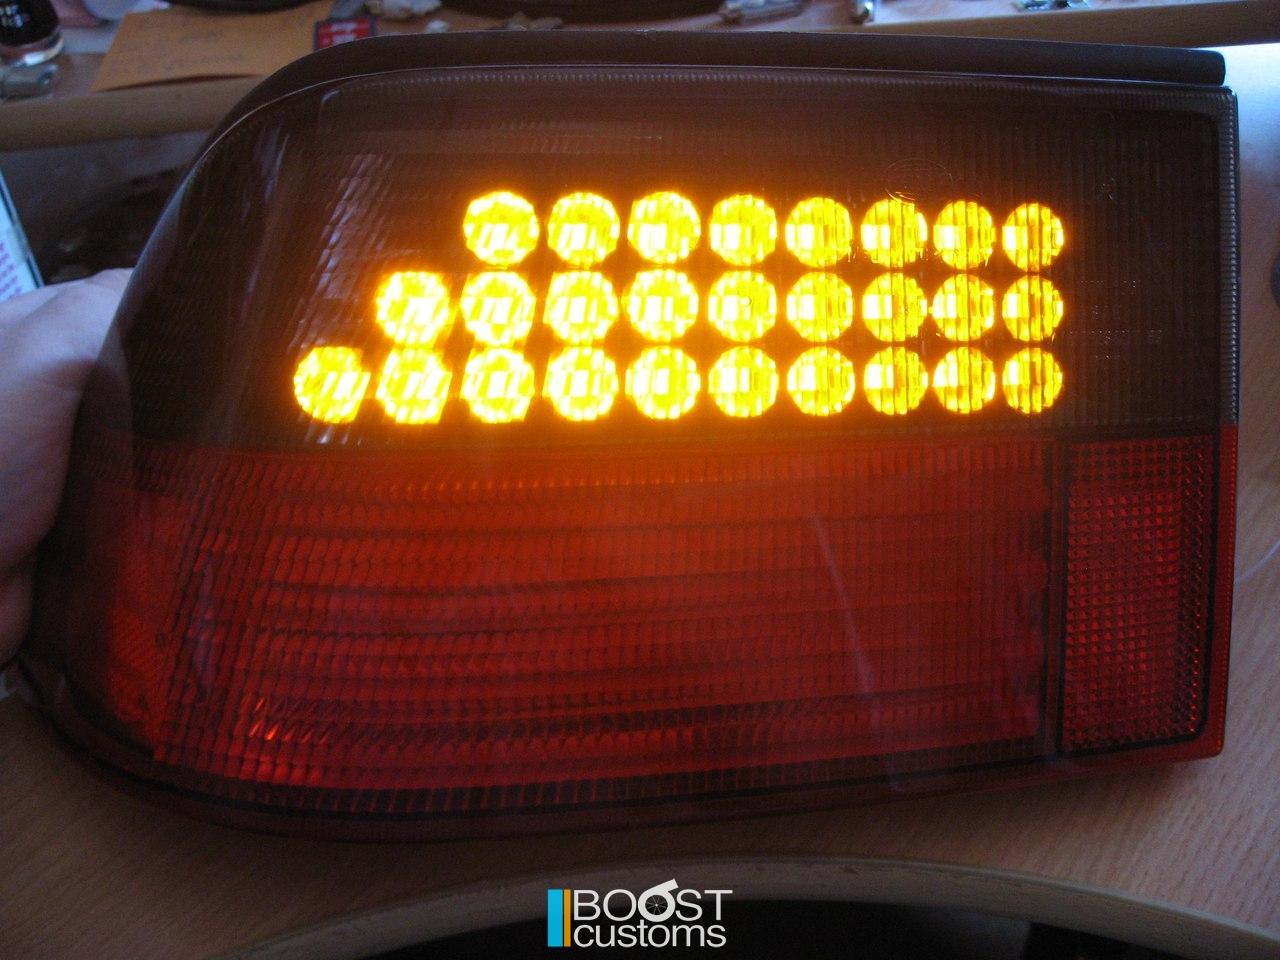 SAAB 9000 custom LED tail lights